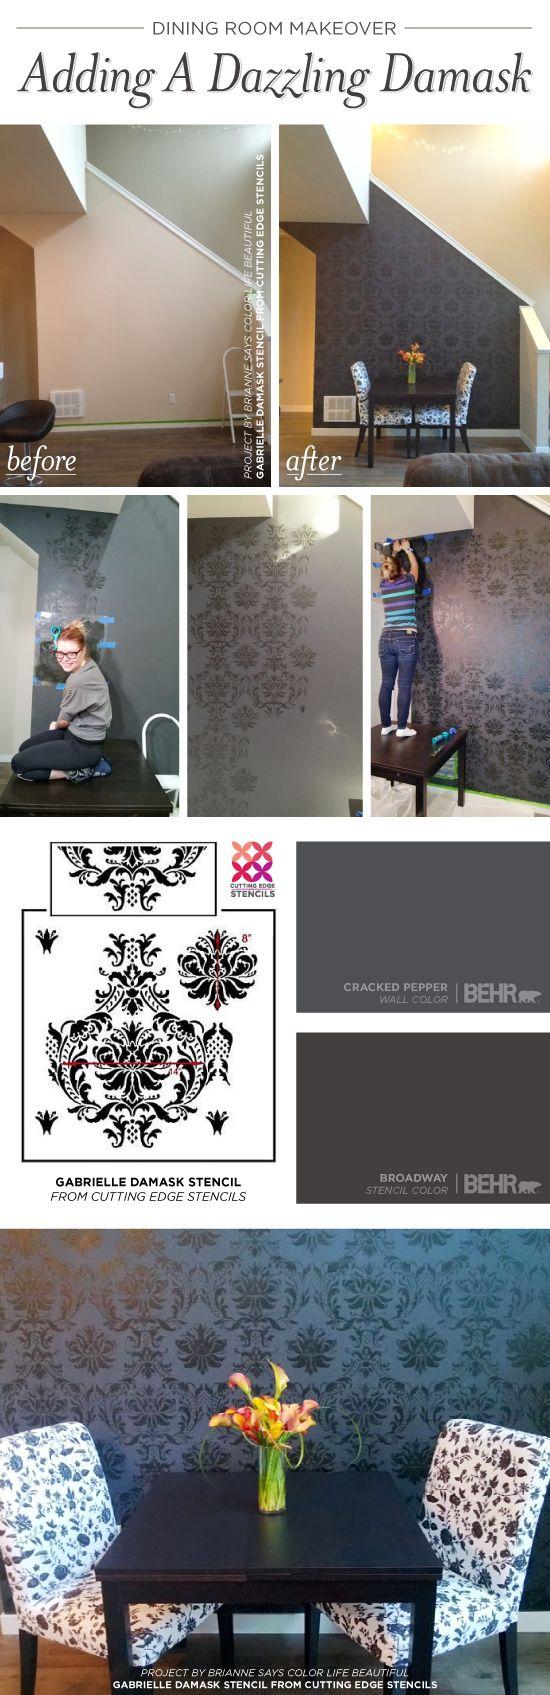 Cutting Edge Stencils shares a DIY stenciled dining room idea using the Gabrielle Damask wall pattern. http://www.cuttingedgestencils.com/damask-stencil-3.html